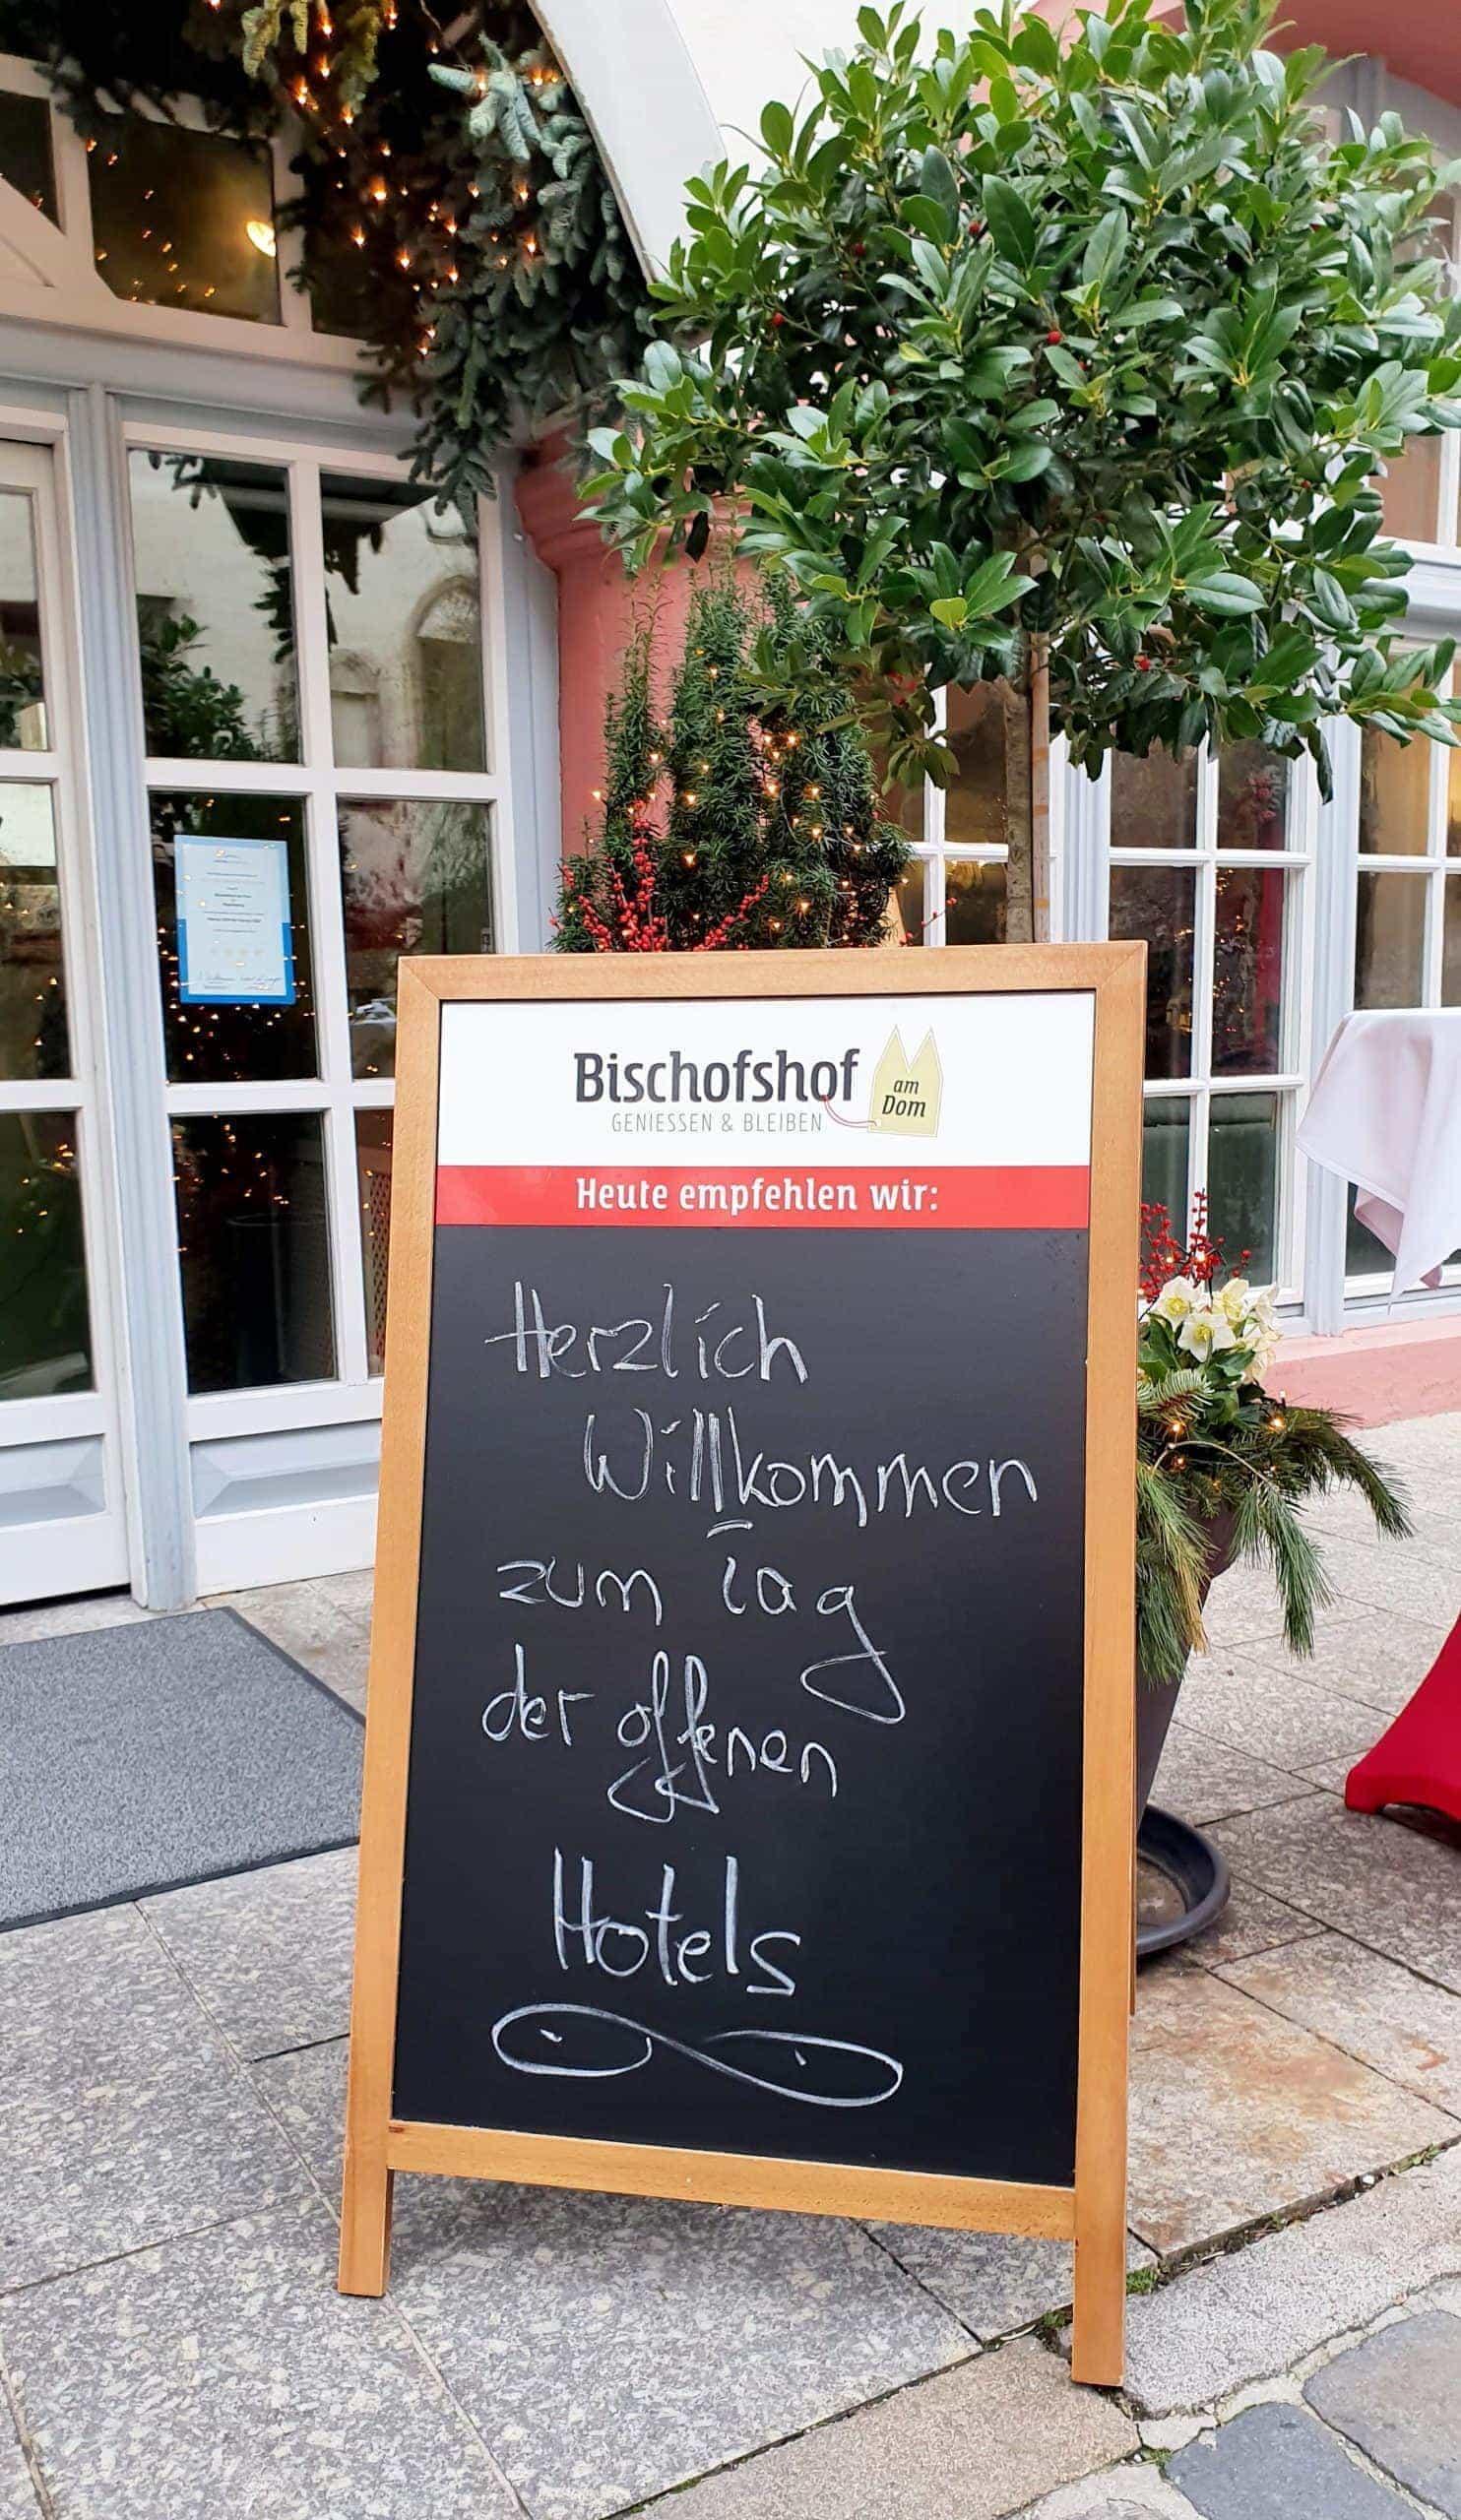 Das Hotel Bischofshof begrüßte die Gäste zum Aktionstag am 12. J anuar 2020